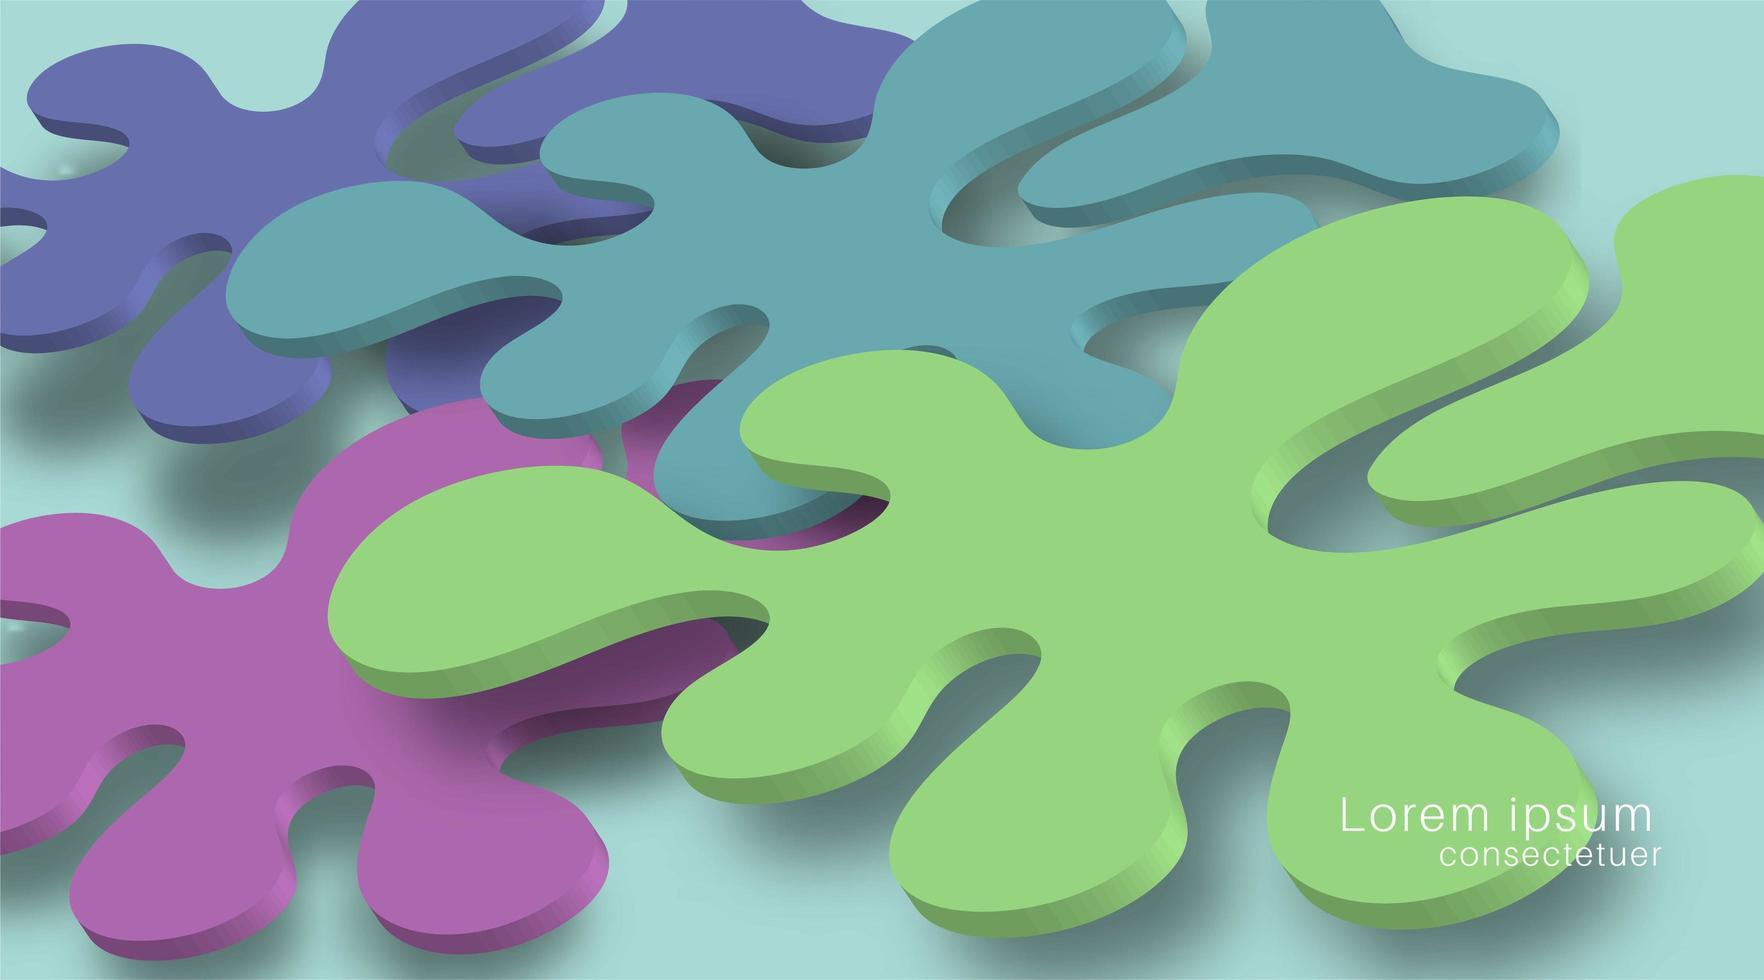 Überlappende flüssige Hintergrunddesigns und realistische Schatten. 3D-Vektorillustration vektor